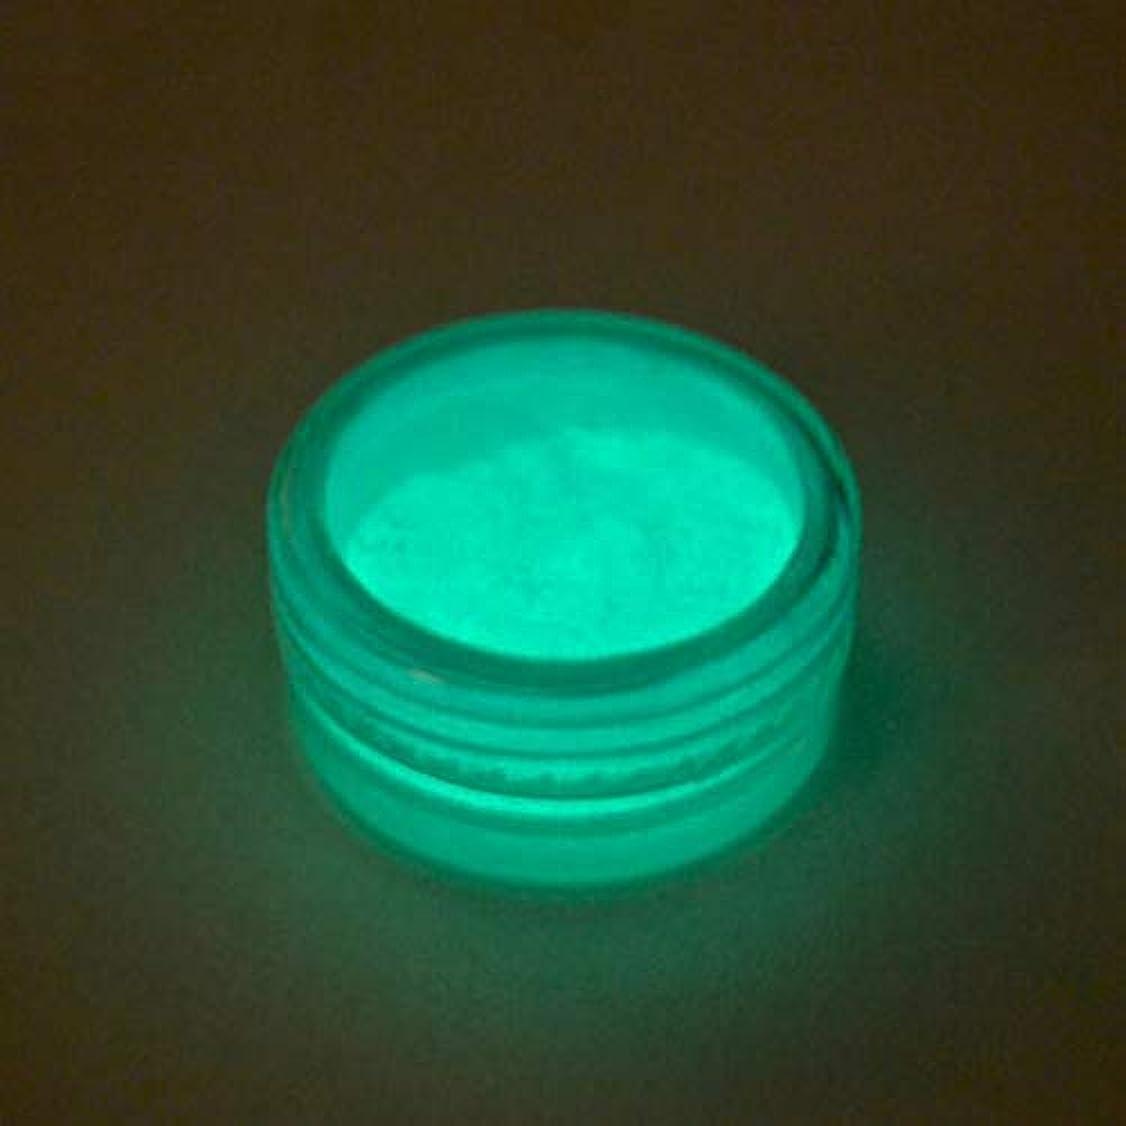 隠知らせるフェローシップダーク砂パウダー顔料ダストルミナスネイルグリッターホログラフィックグリッターで1個蛍光粉DIY明るいネイルアートグロー,6